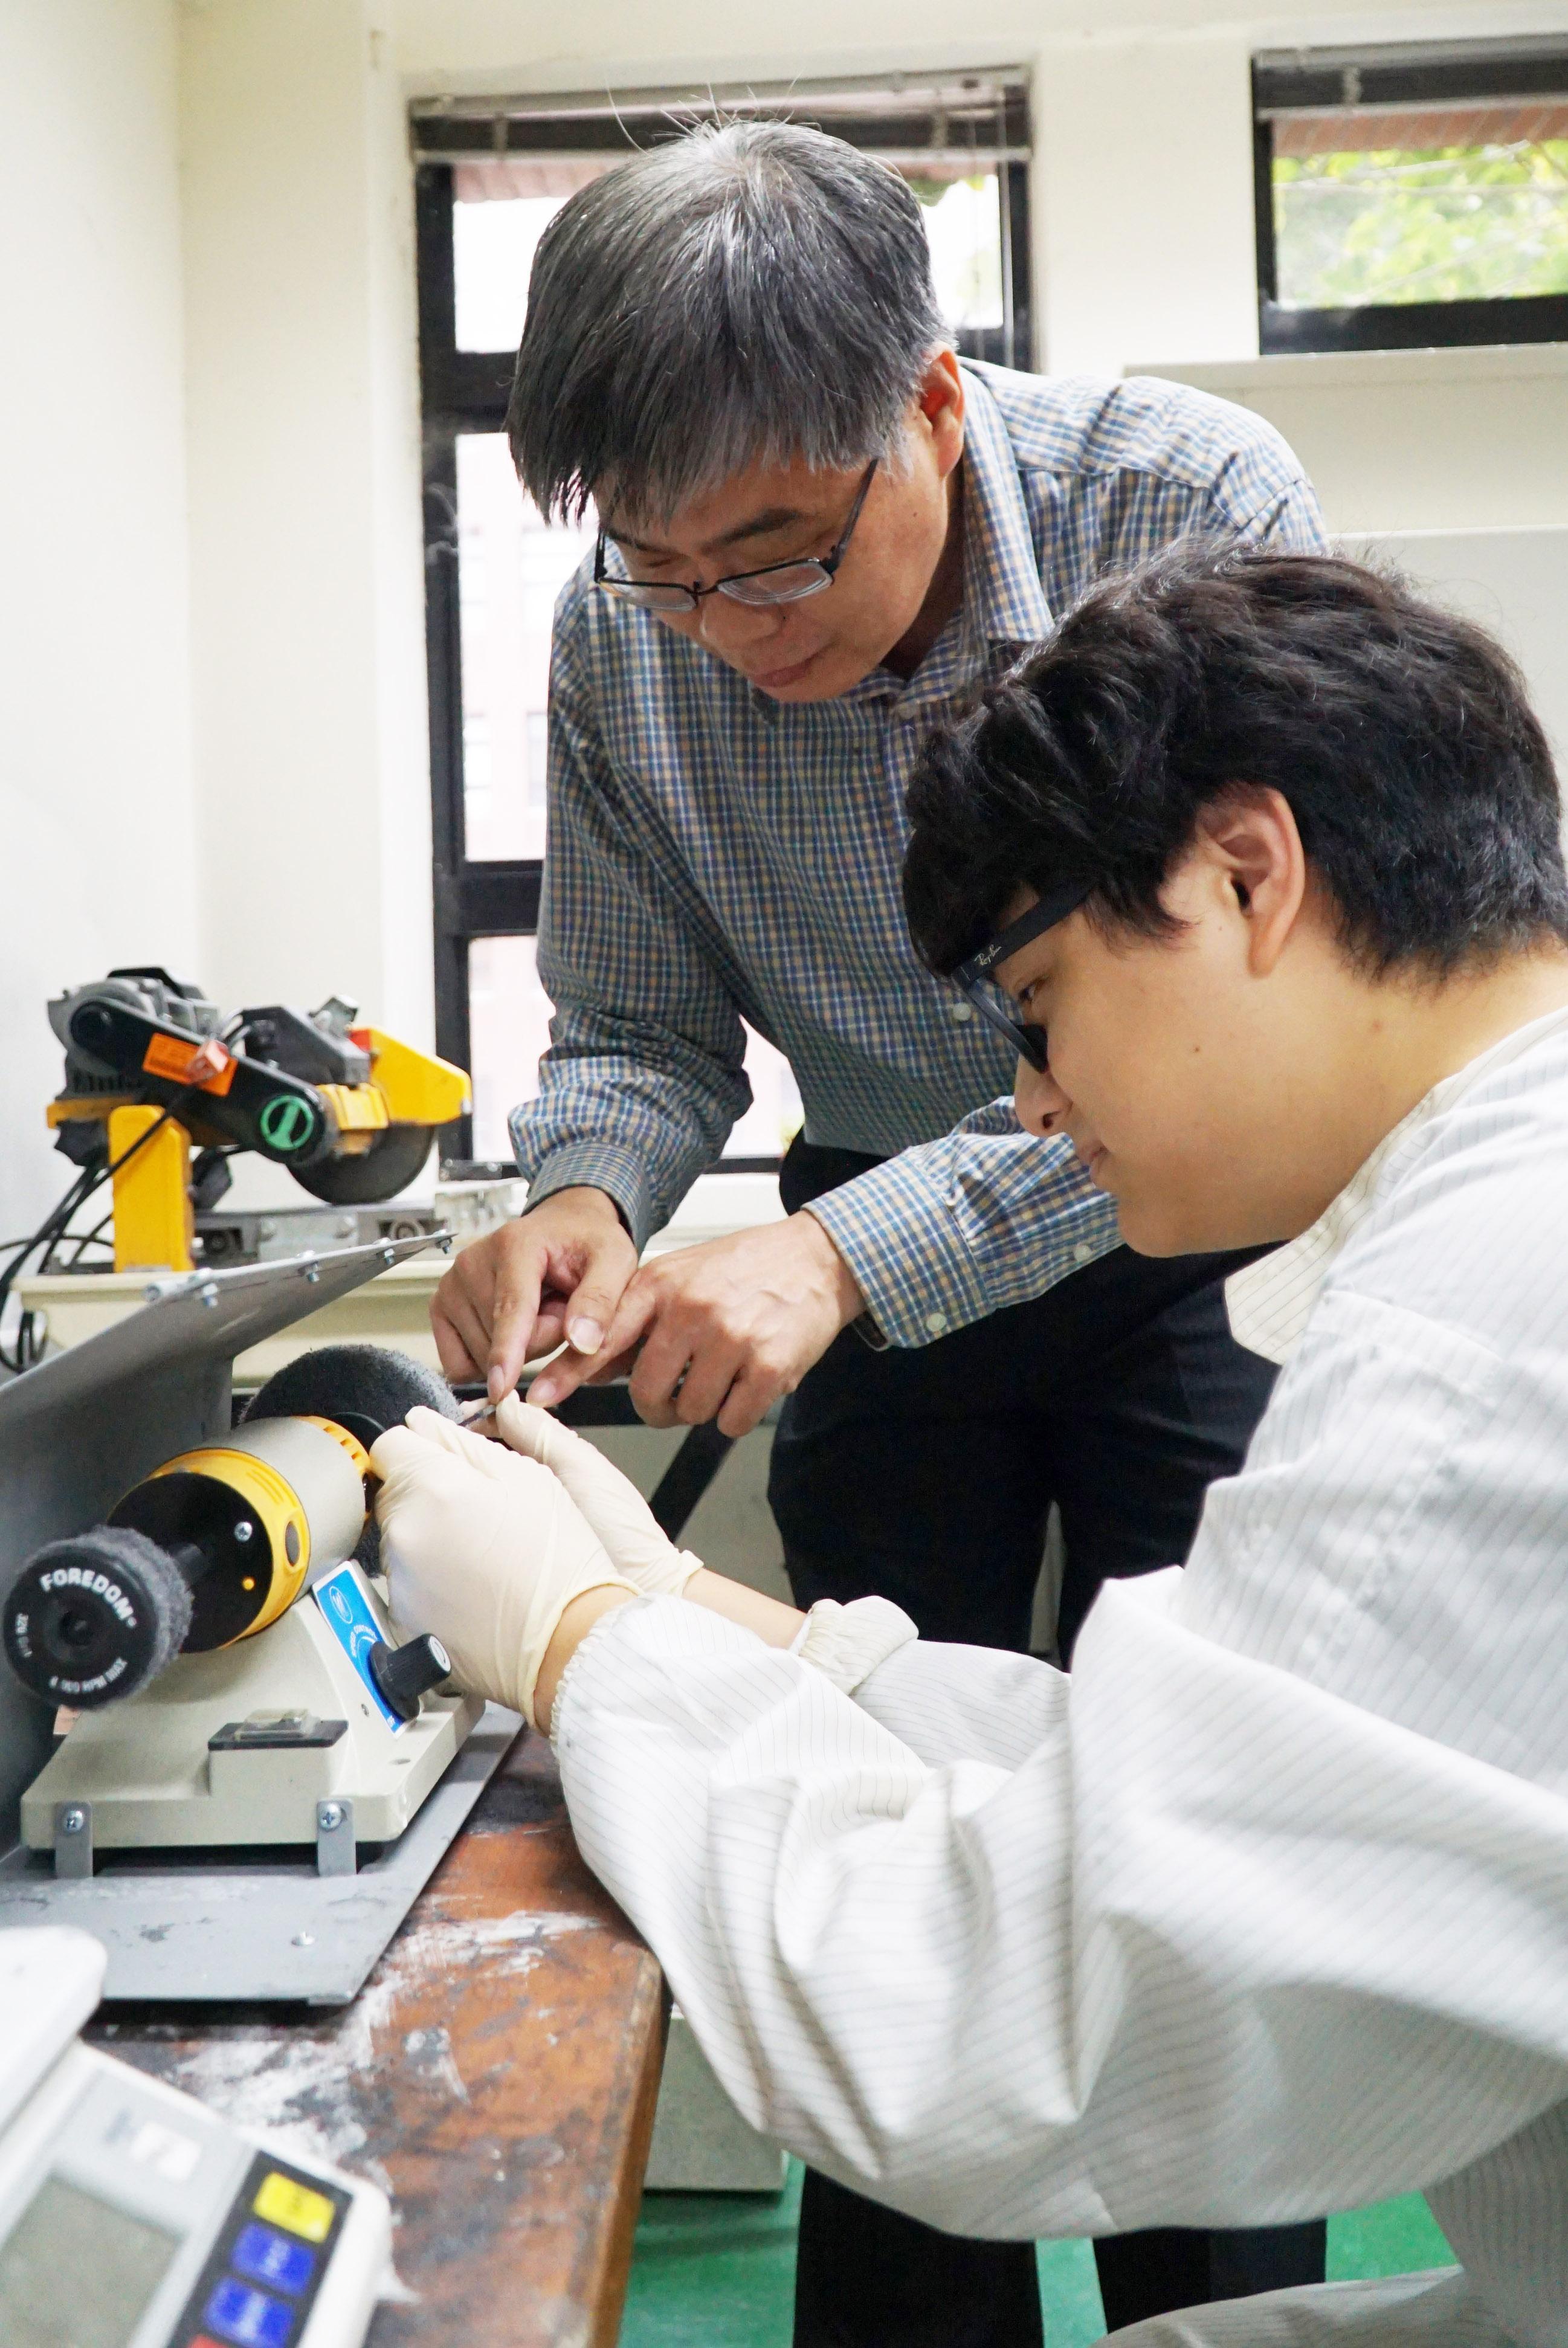 大葉大學醫材學程研發鍍膜技術  助醫療材料升級-大葉大學